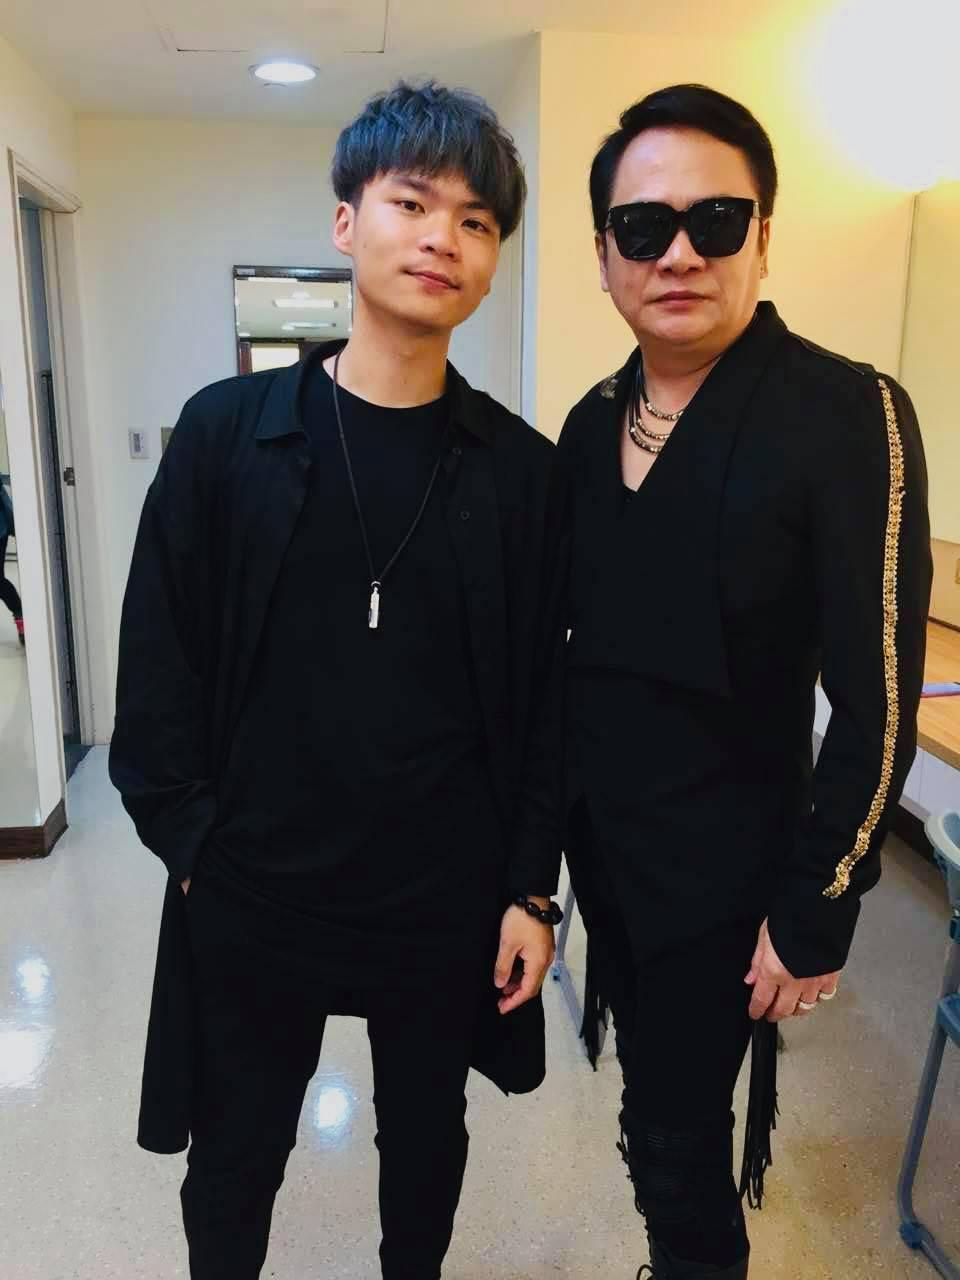 落日飛車的薩克斯風手黃浩庭(左)是星二代,爸爸是袁小迪。圖/夕陽音樂提供